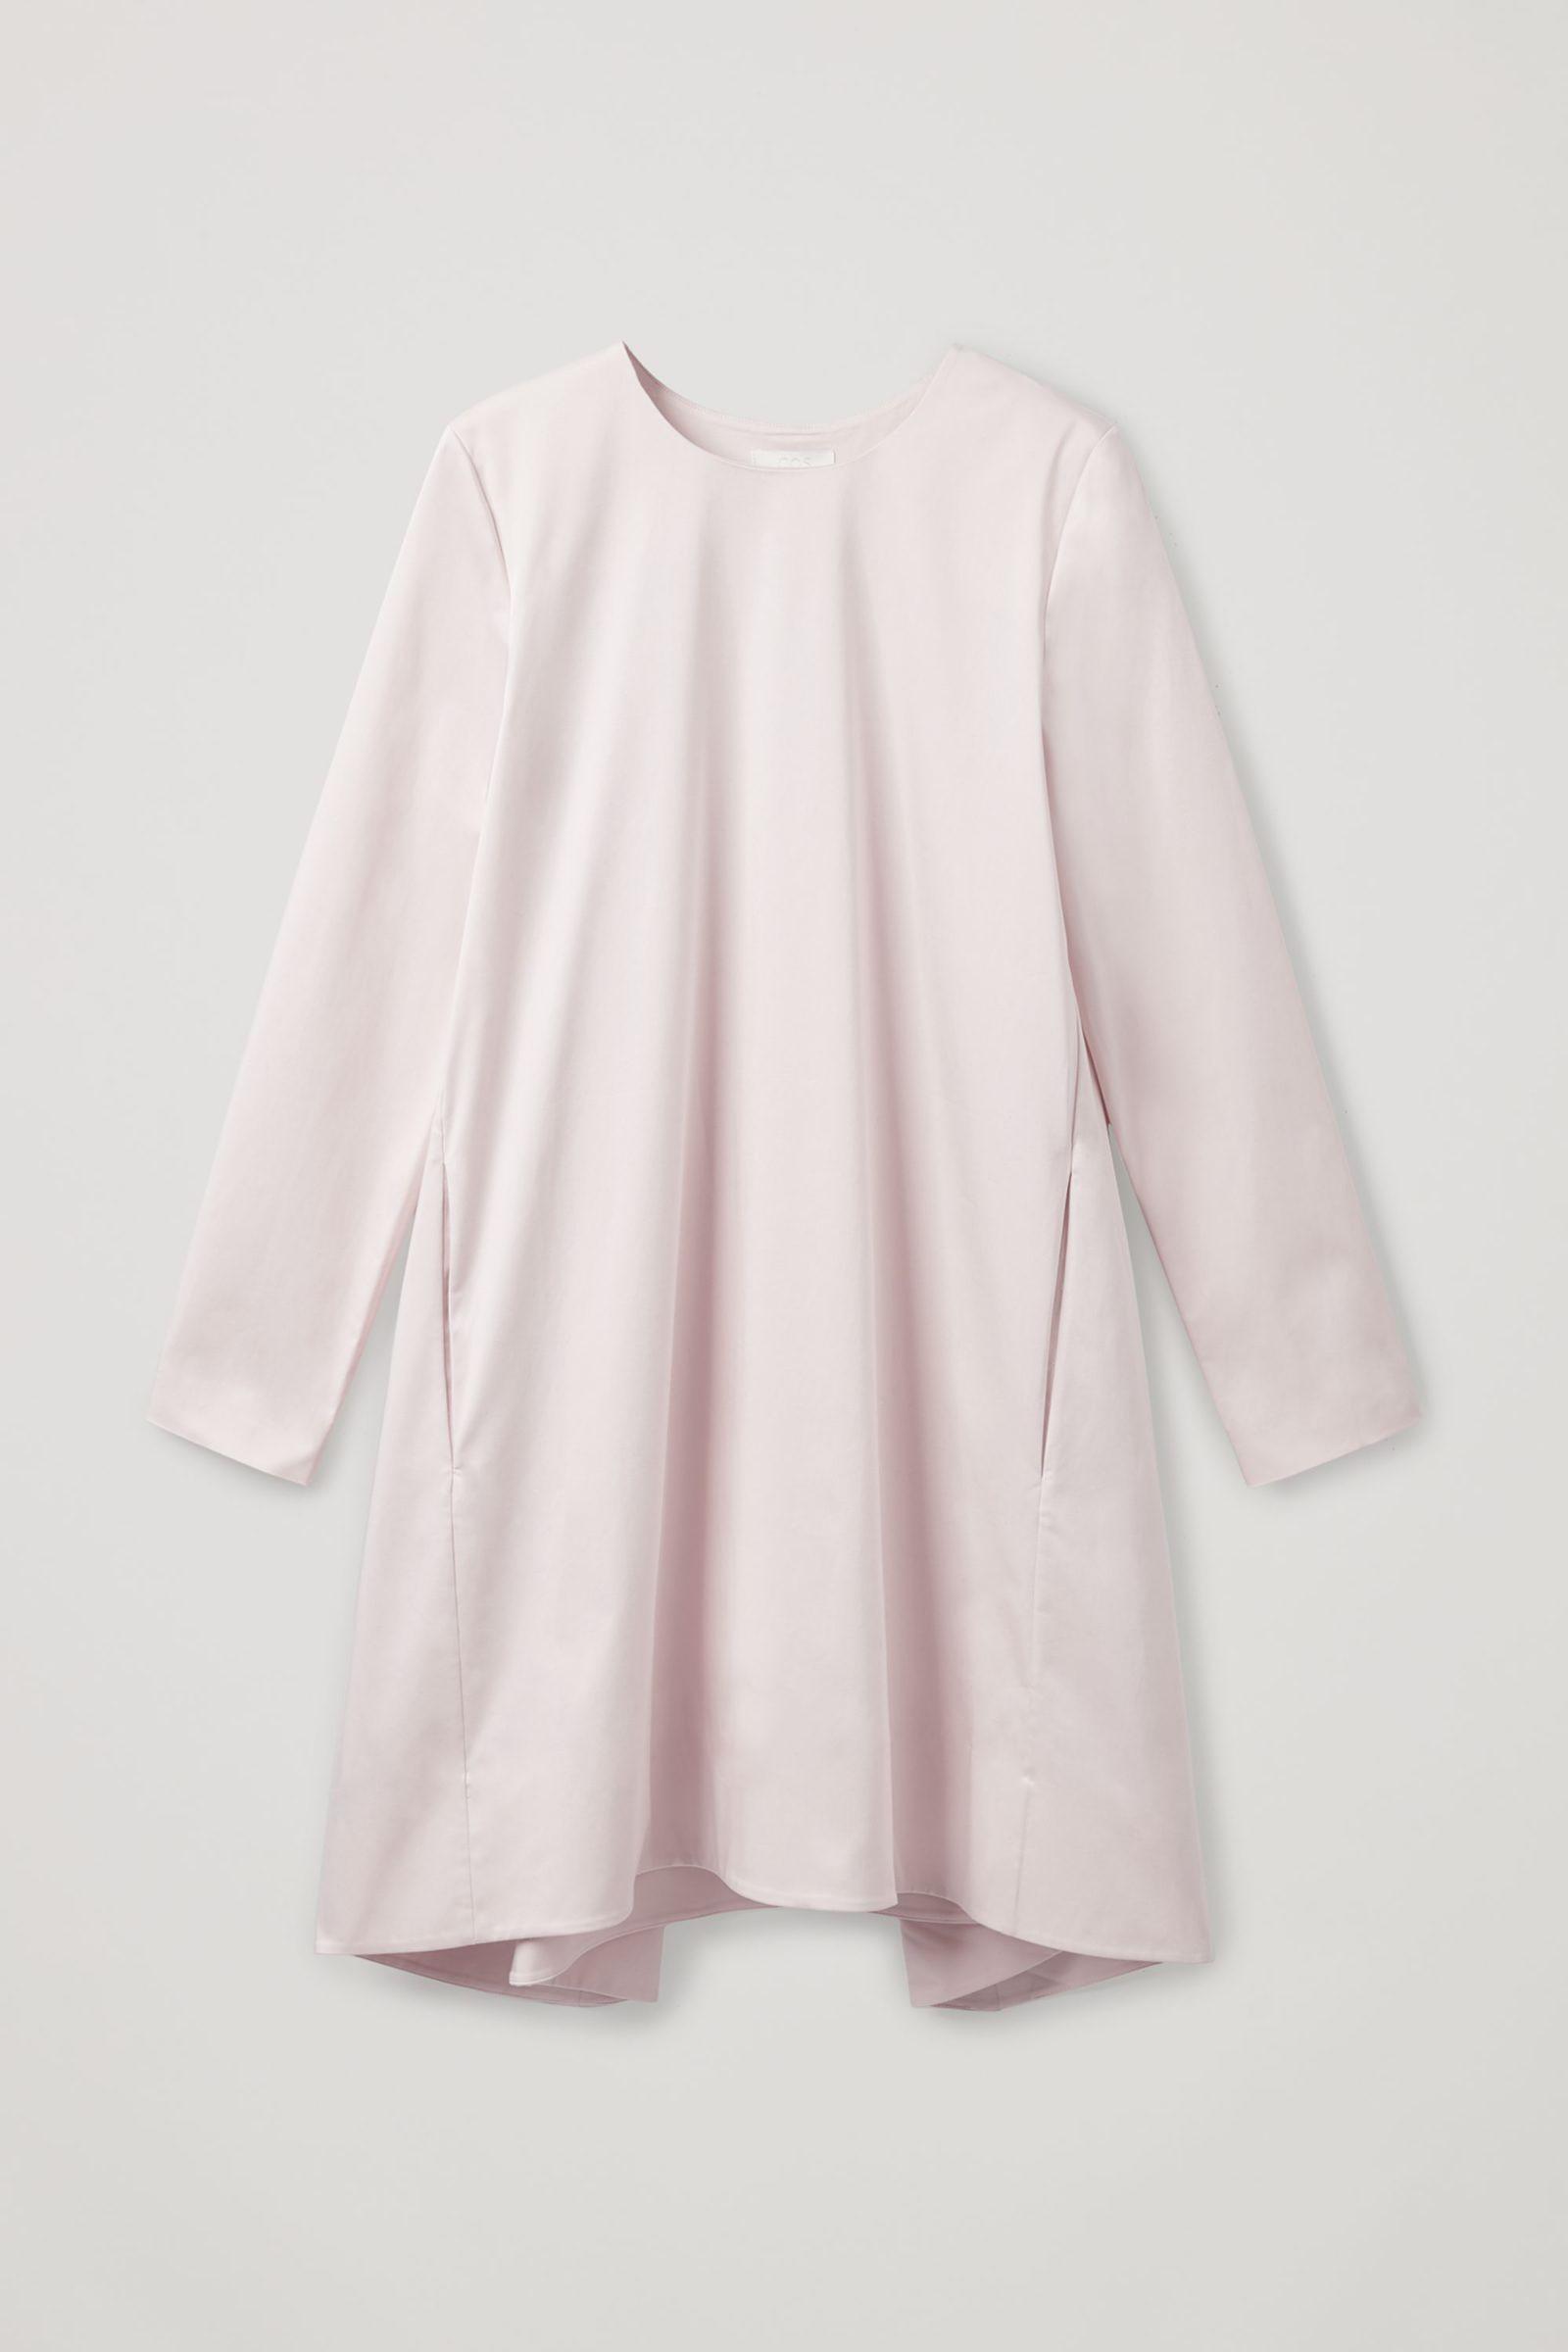 COS 박스 플리츠 A라인 드레스의 핑크컬러 Product입니다.